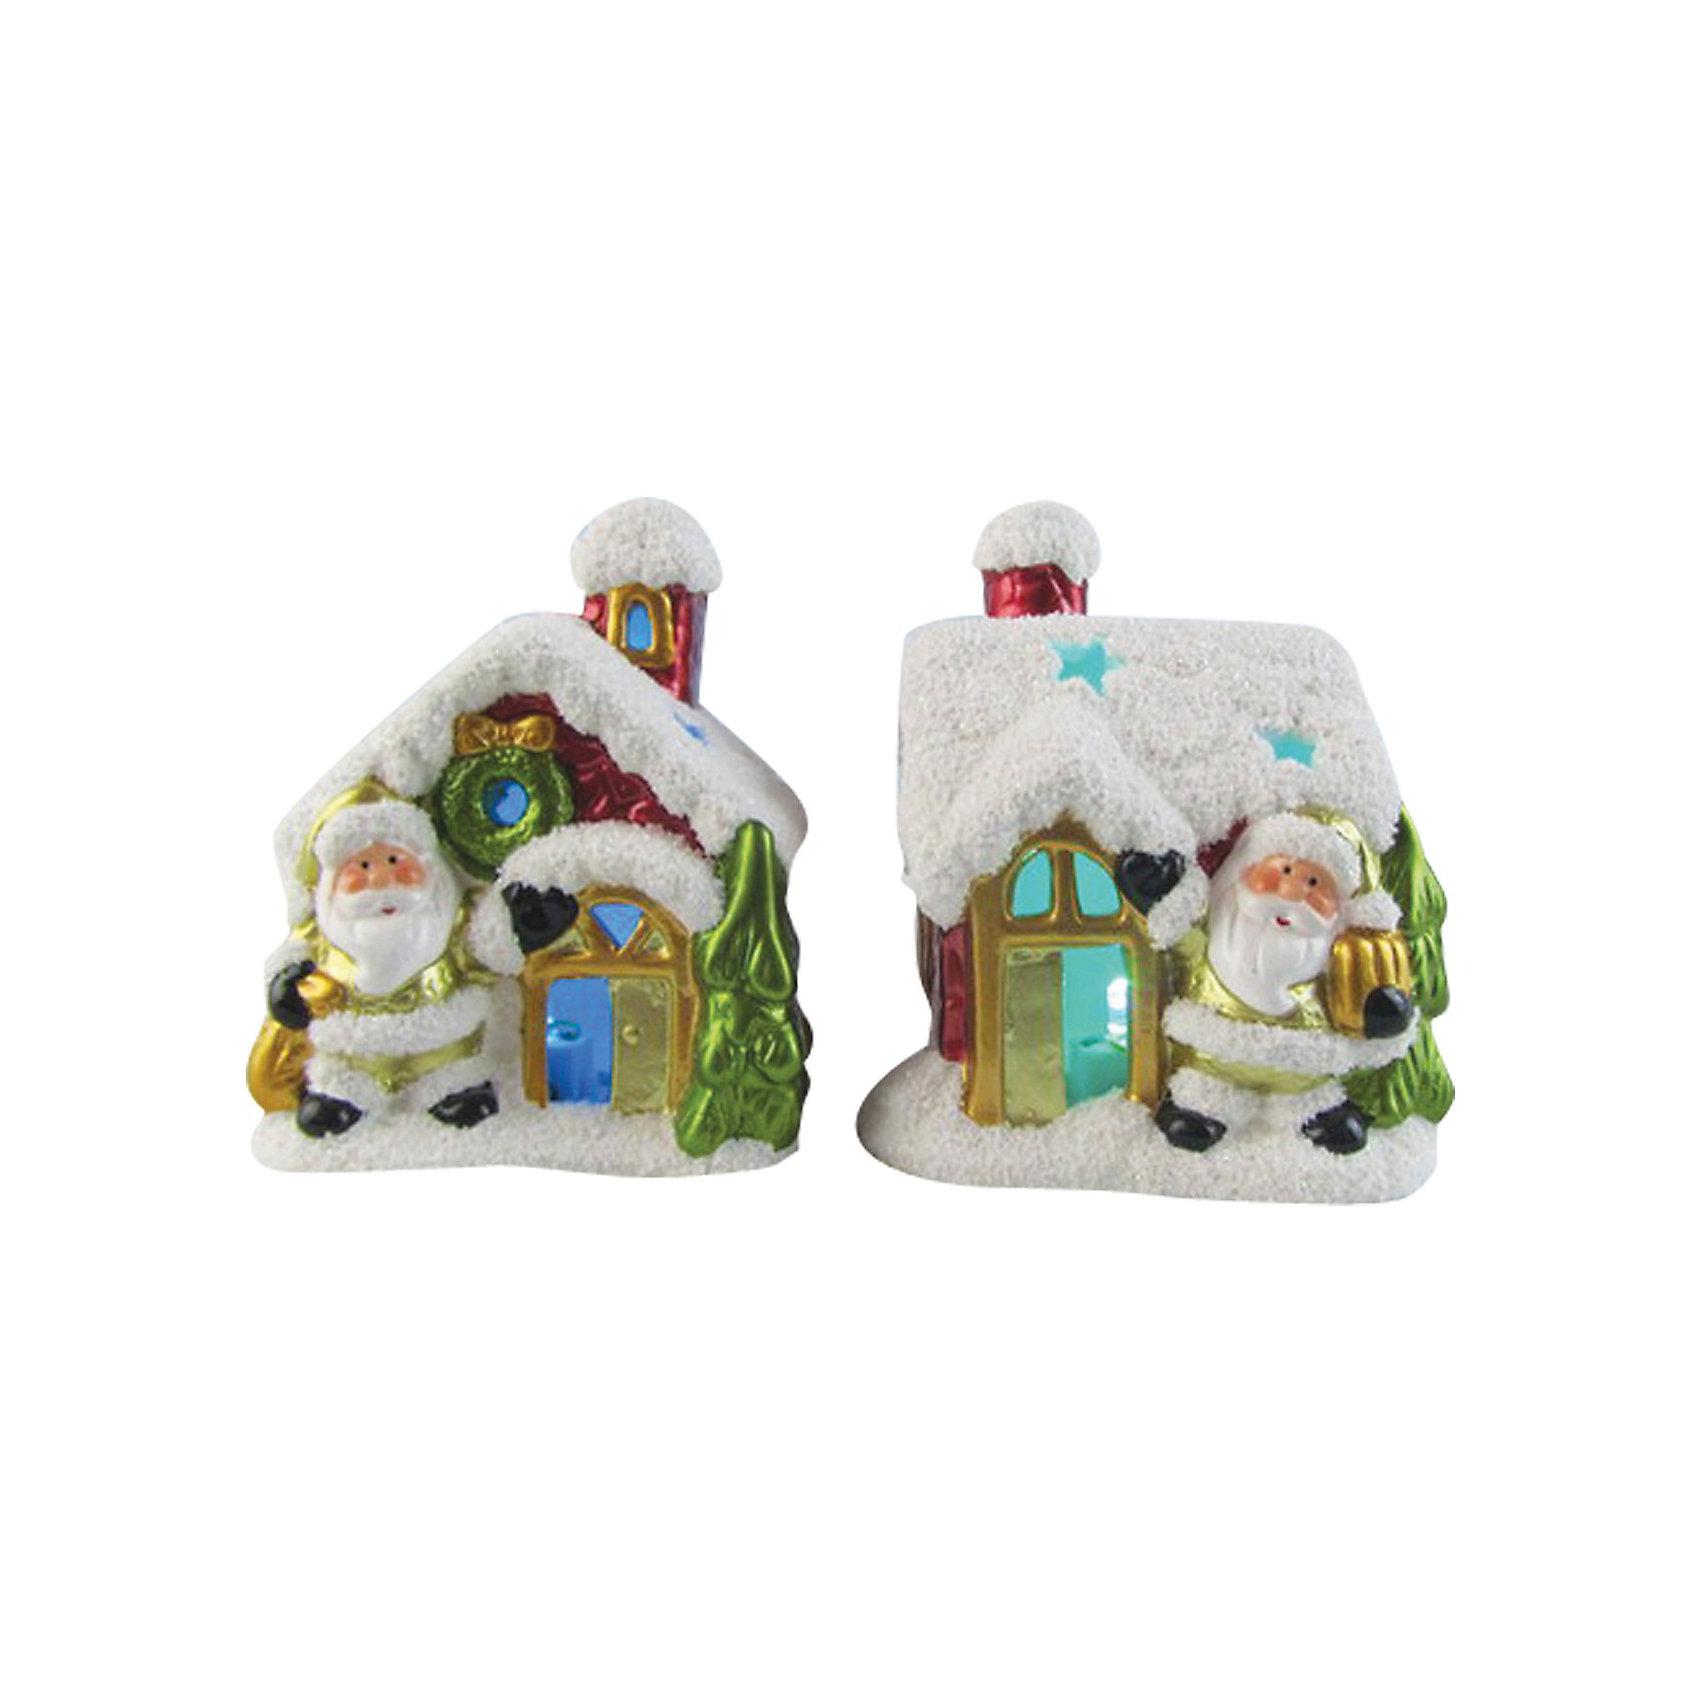 Сувенир керамический Домик с LED подсветкойСувенир керамический Домик, Волшебная страна станет замечательным украшением Вашего новогоднего интерьера и приятным подарком для родных и друзей. Сувенир<br>выполнен в форме симпатичного заснеженного домика с фигуркой Деда Мороза. Сказочный домик с LED подсветкой порадует и взрослых и детей и поможет создать волшебную<br>атмосферу новогодних праздников. В ассортименте представлены домики с разным дизайном.<br><br>Дополнительная информация:<br><br>- Материал: керамика.<br>- Размер: 10 x 8,3 x 12,2 см.<br>- Вес: 302 гр. <br><br>Сувенир керамический Домик, Волшебная страна можно купить в нашем интернет-магазине.<br><br>ВНИМАНИЕ! Данный артикул имеется в наличии в разных вариантах исполнения. Заранее выбрать определенный вариант нельзя. При заказе нескольких домиков возможно получение одинаковых.<br><br>Ширина мм: 440<br>Глубина мм: 80<br>Высота мм: 130<br>Вес г: 302<br>Возраст от месяцев: 60<br>Возраст до месяцев: 180<br>Пол: Унисекс<br>Возраст: Детский<br>SKU: 3791438